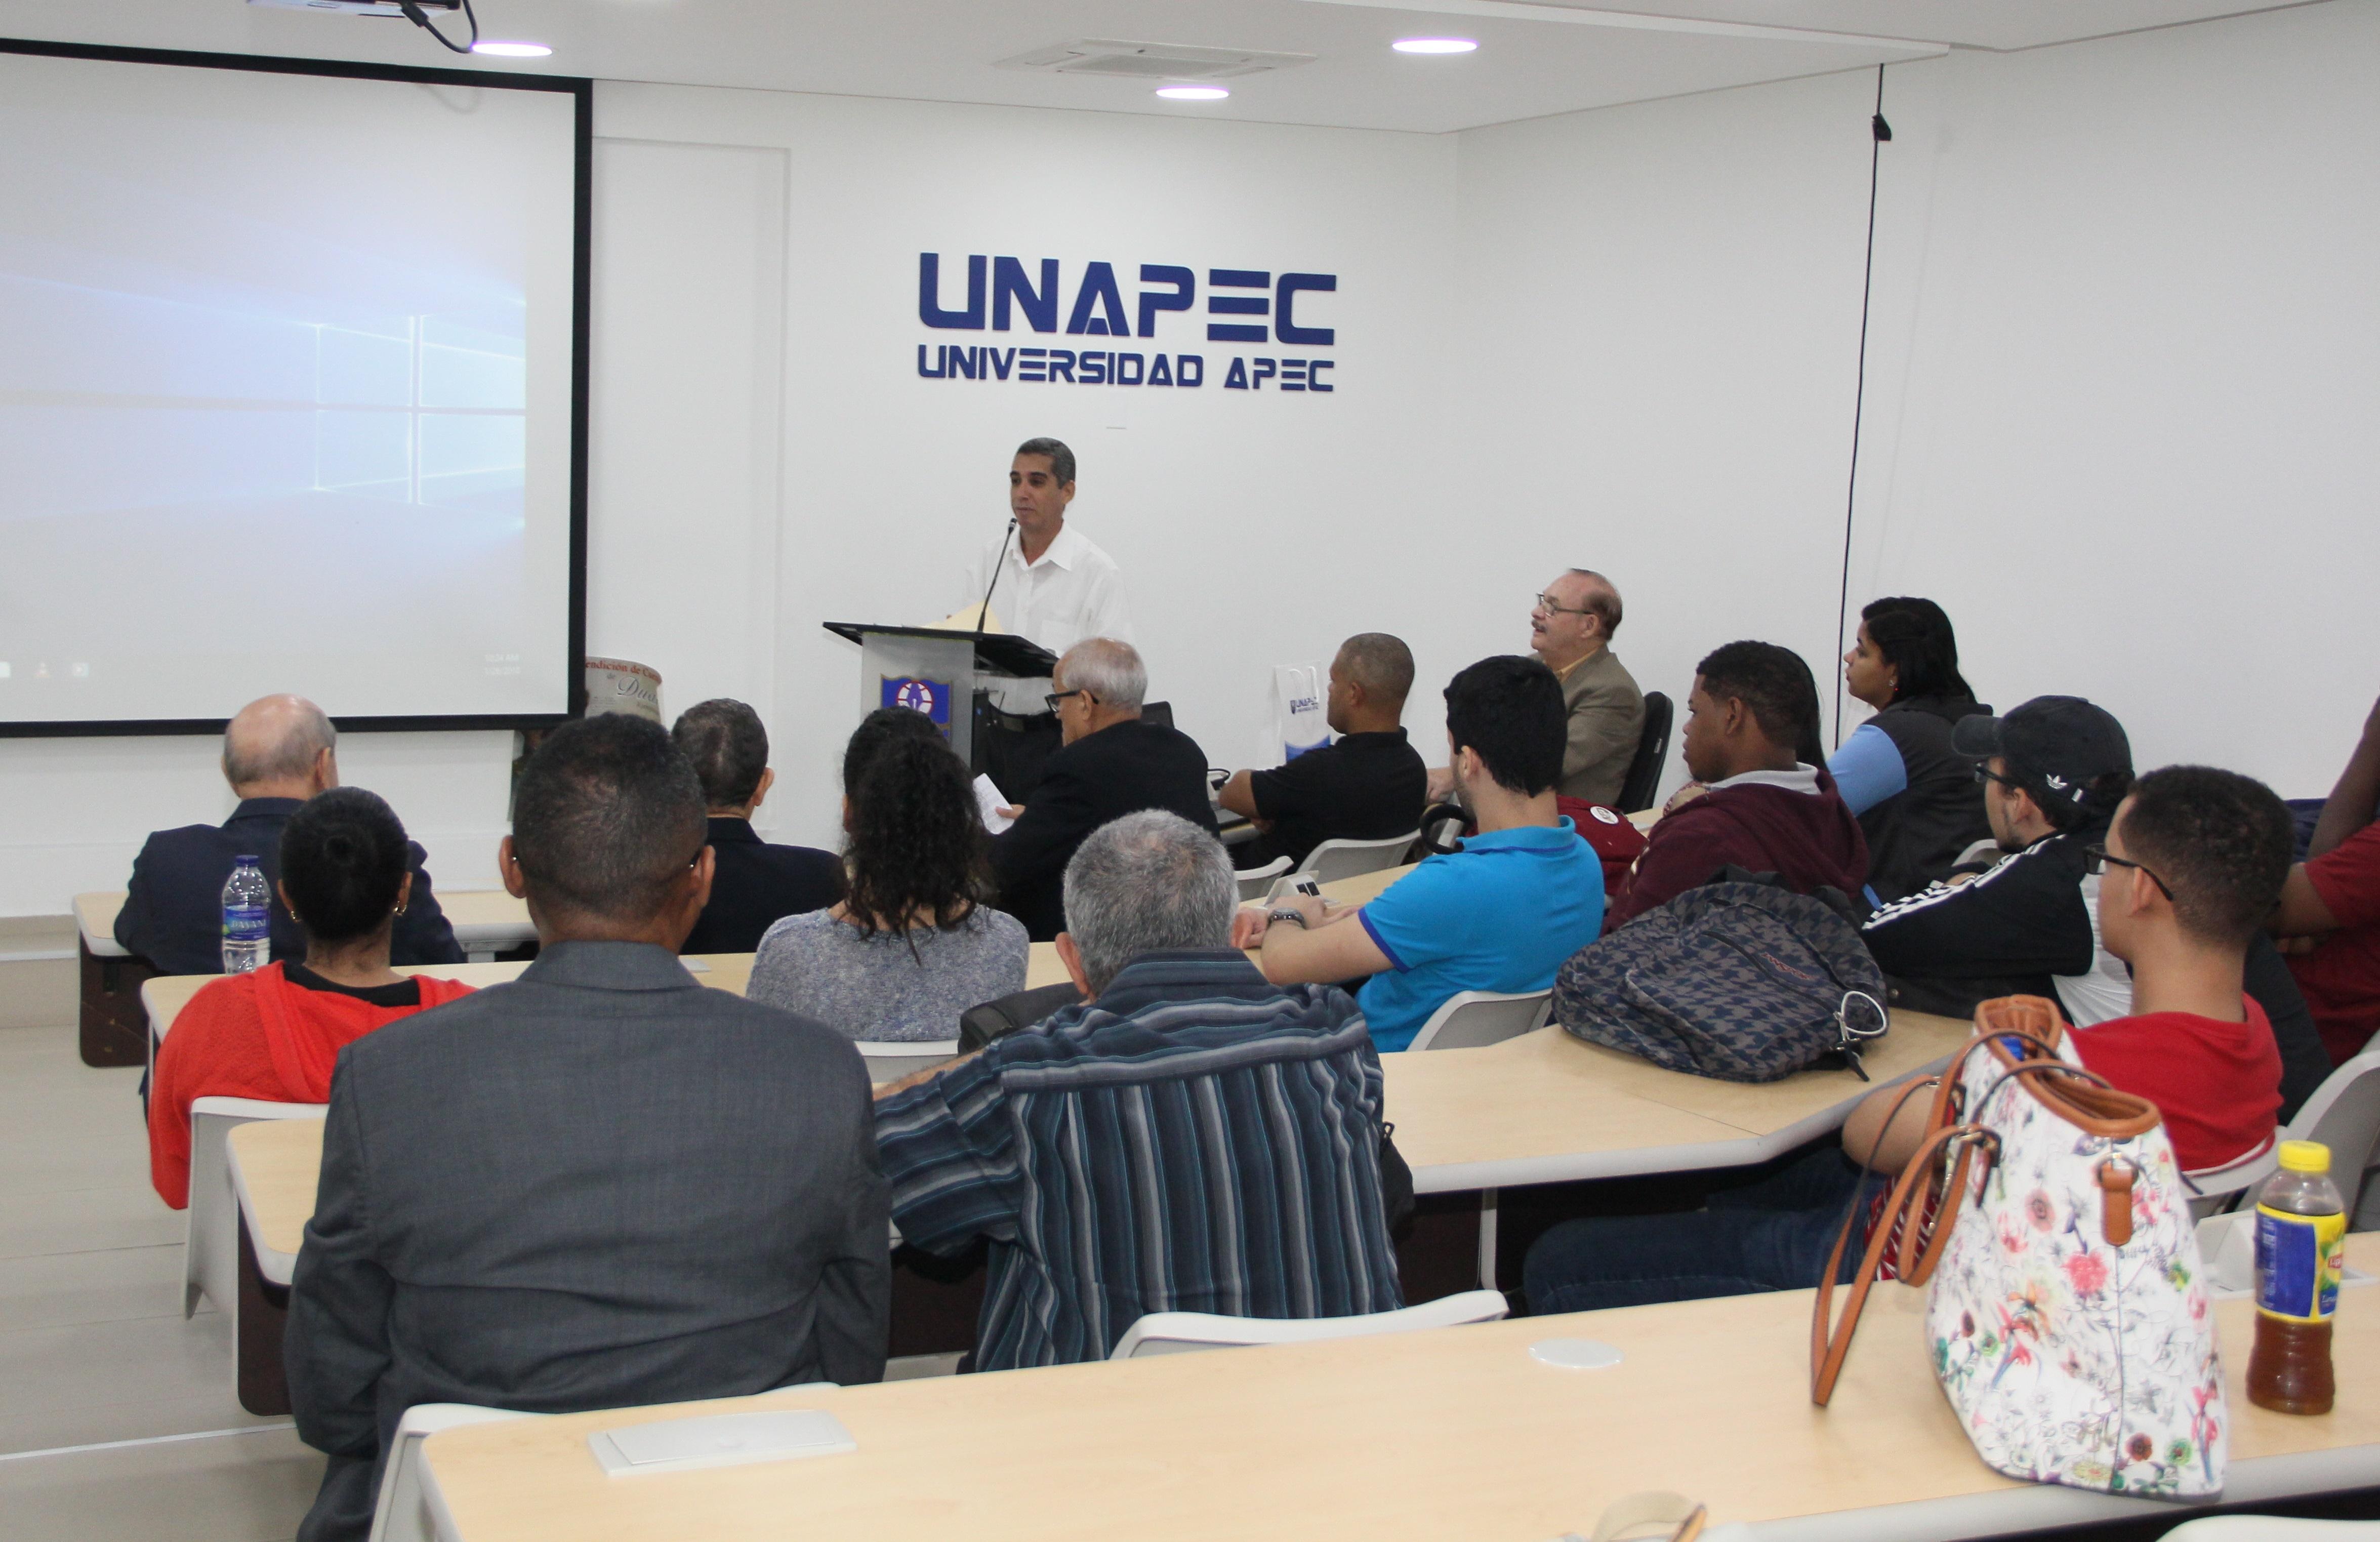 """Exposición sobre los """"Aspectos desconocidos y poco conocidos de Juan Pablo Duarte"""", dictada por Francisco Hilario"""